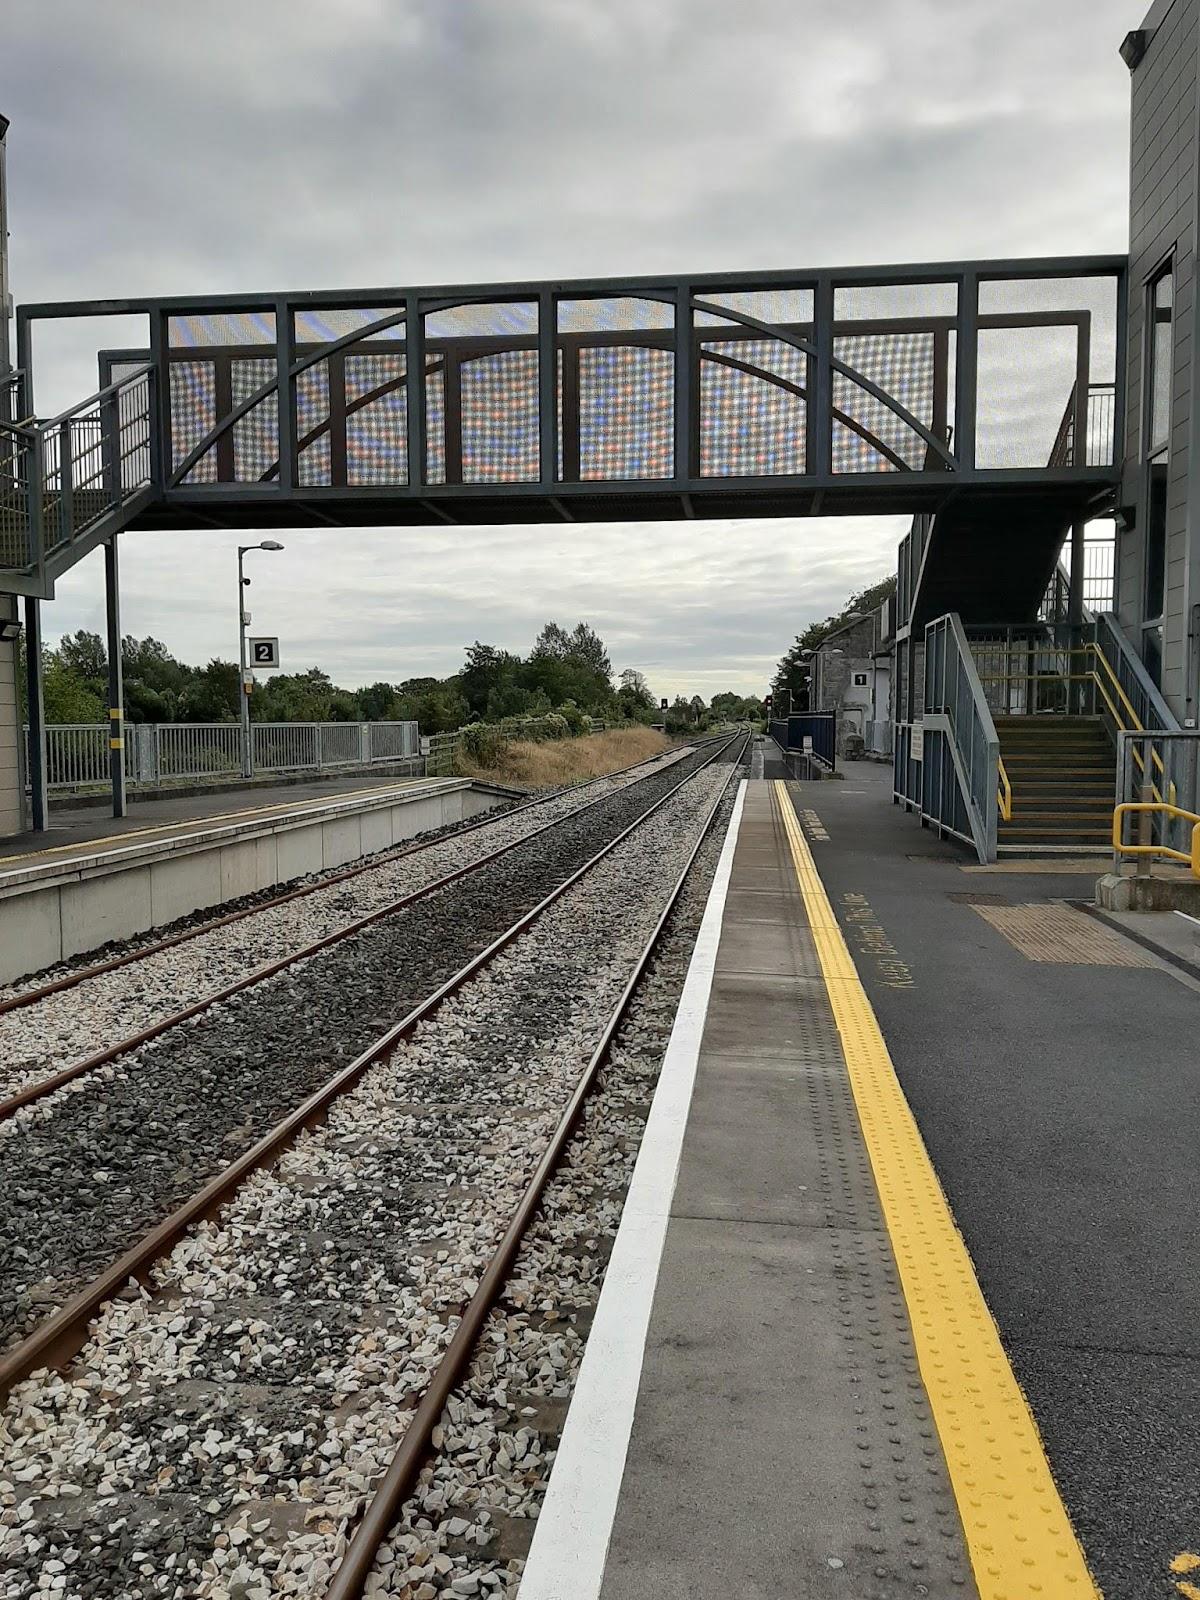 Gort Railway station